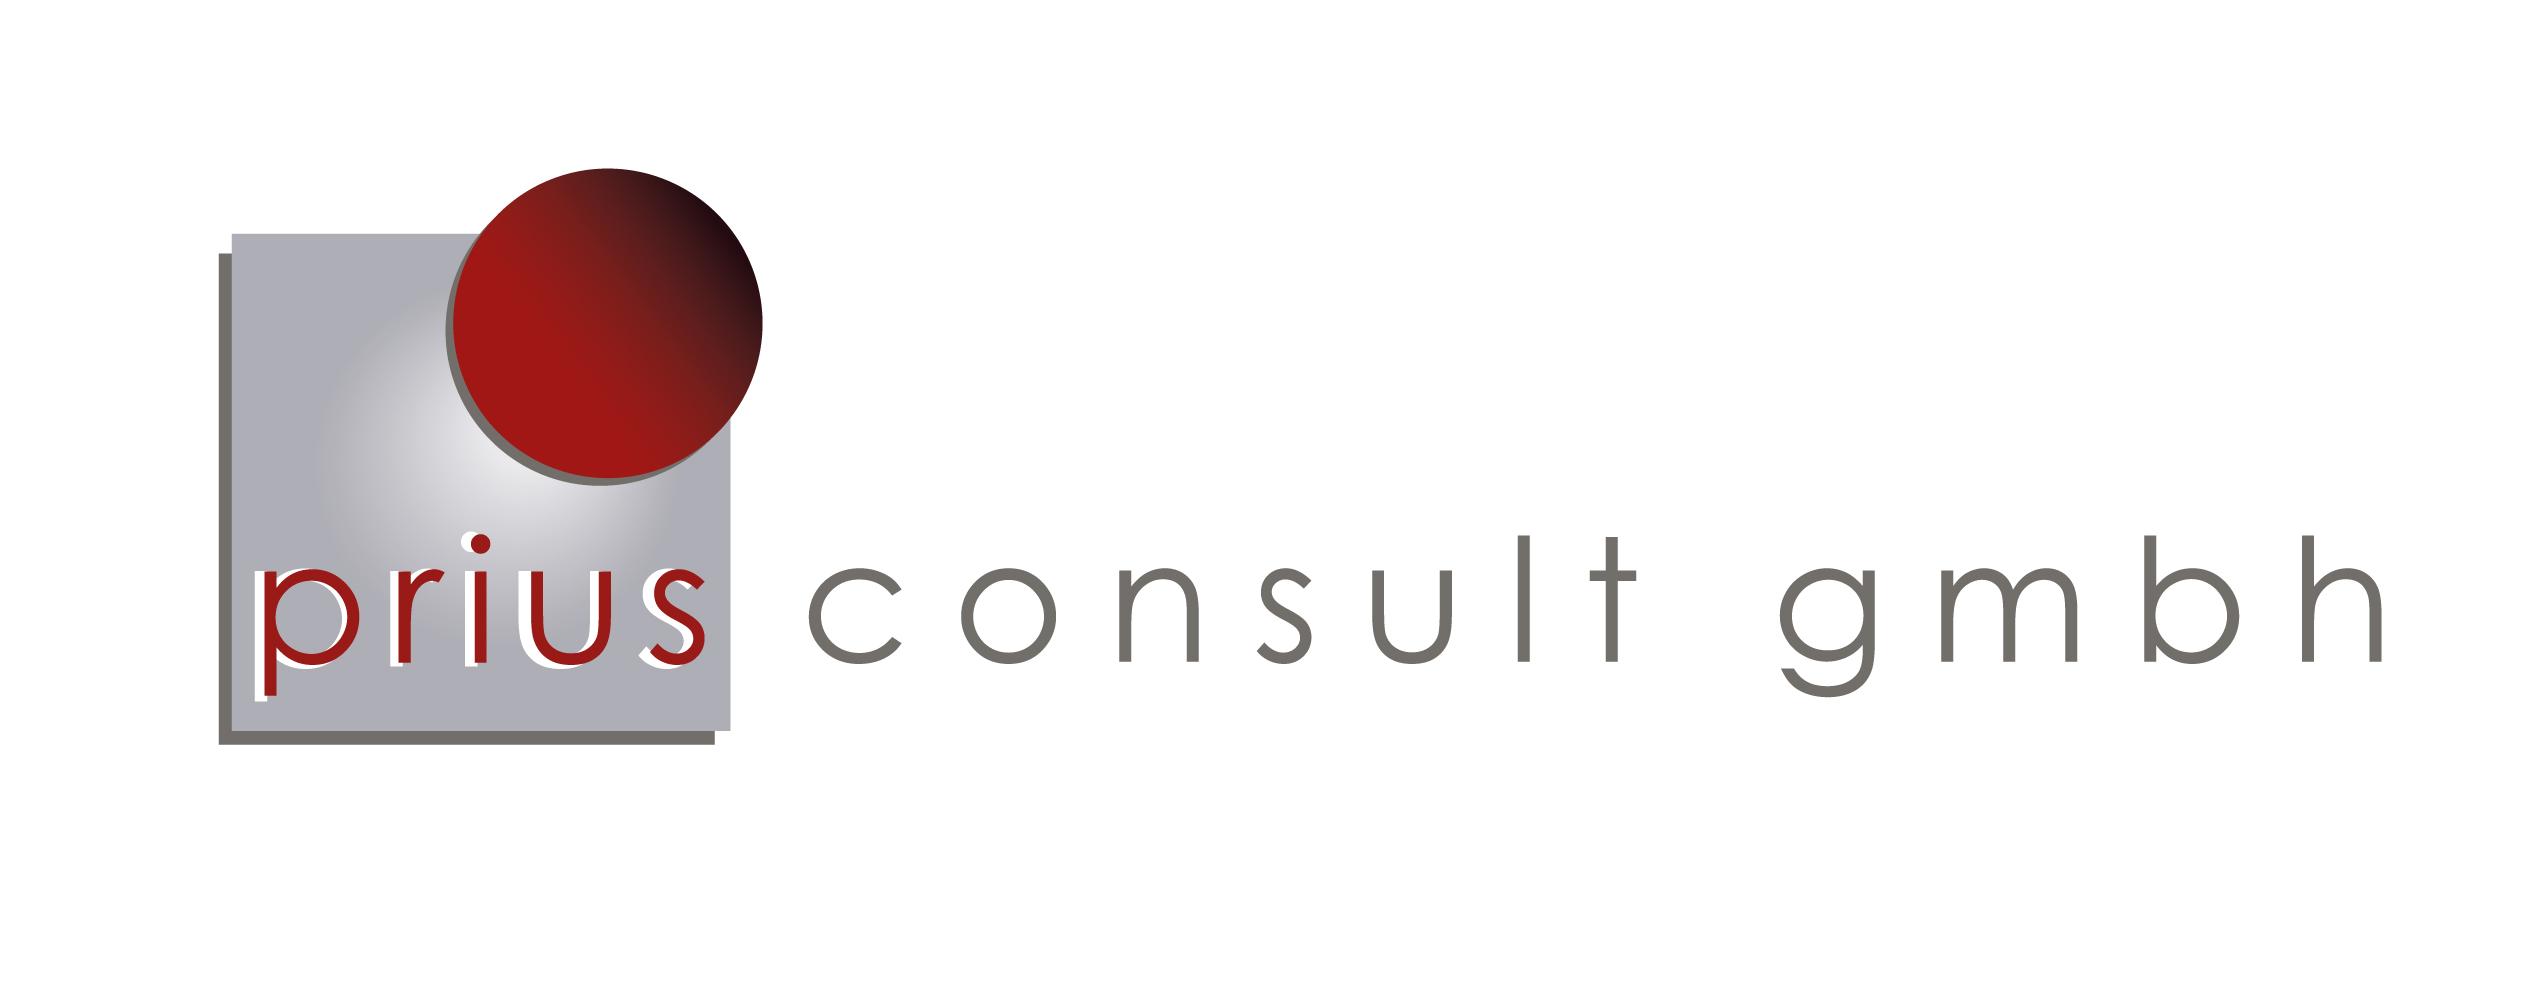 prius consult gmbh - Unternehmensberatung